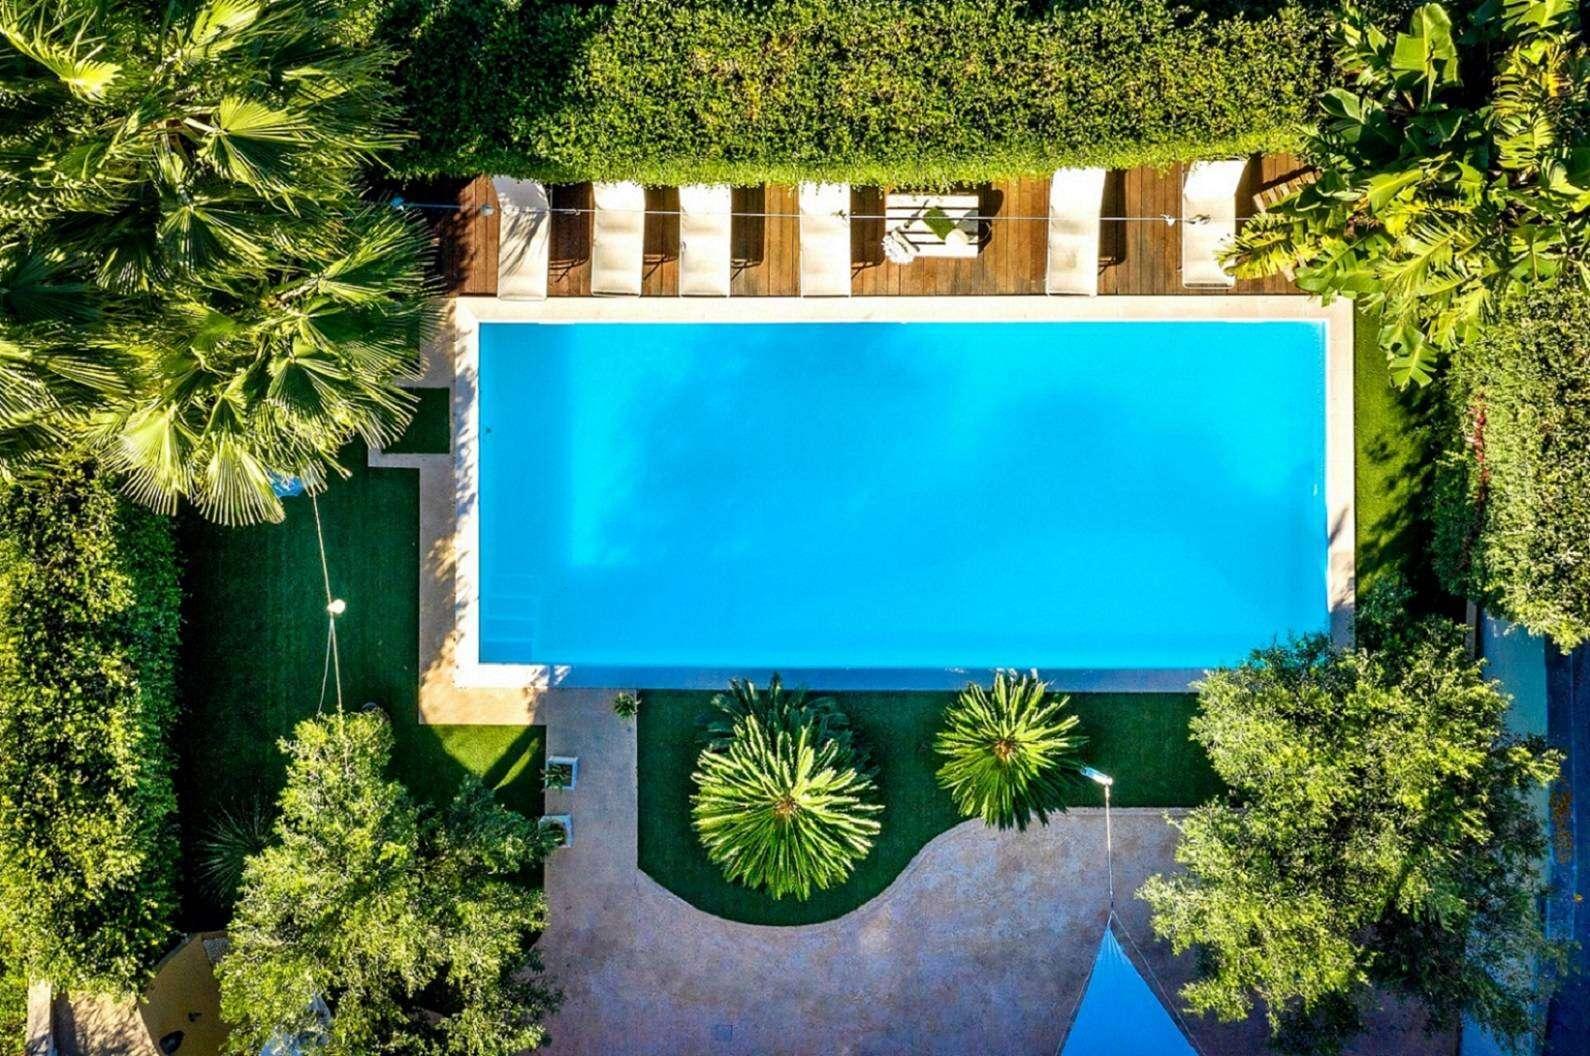 32 Dei Mori Pool Drone View 1590